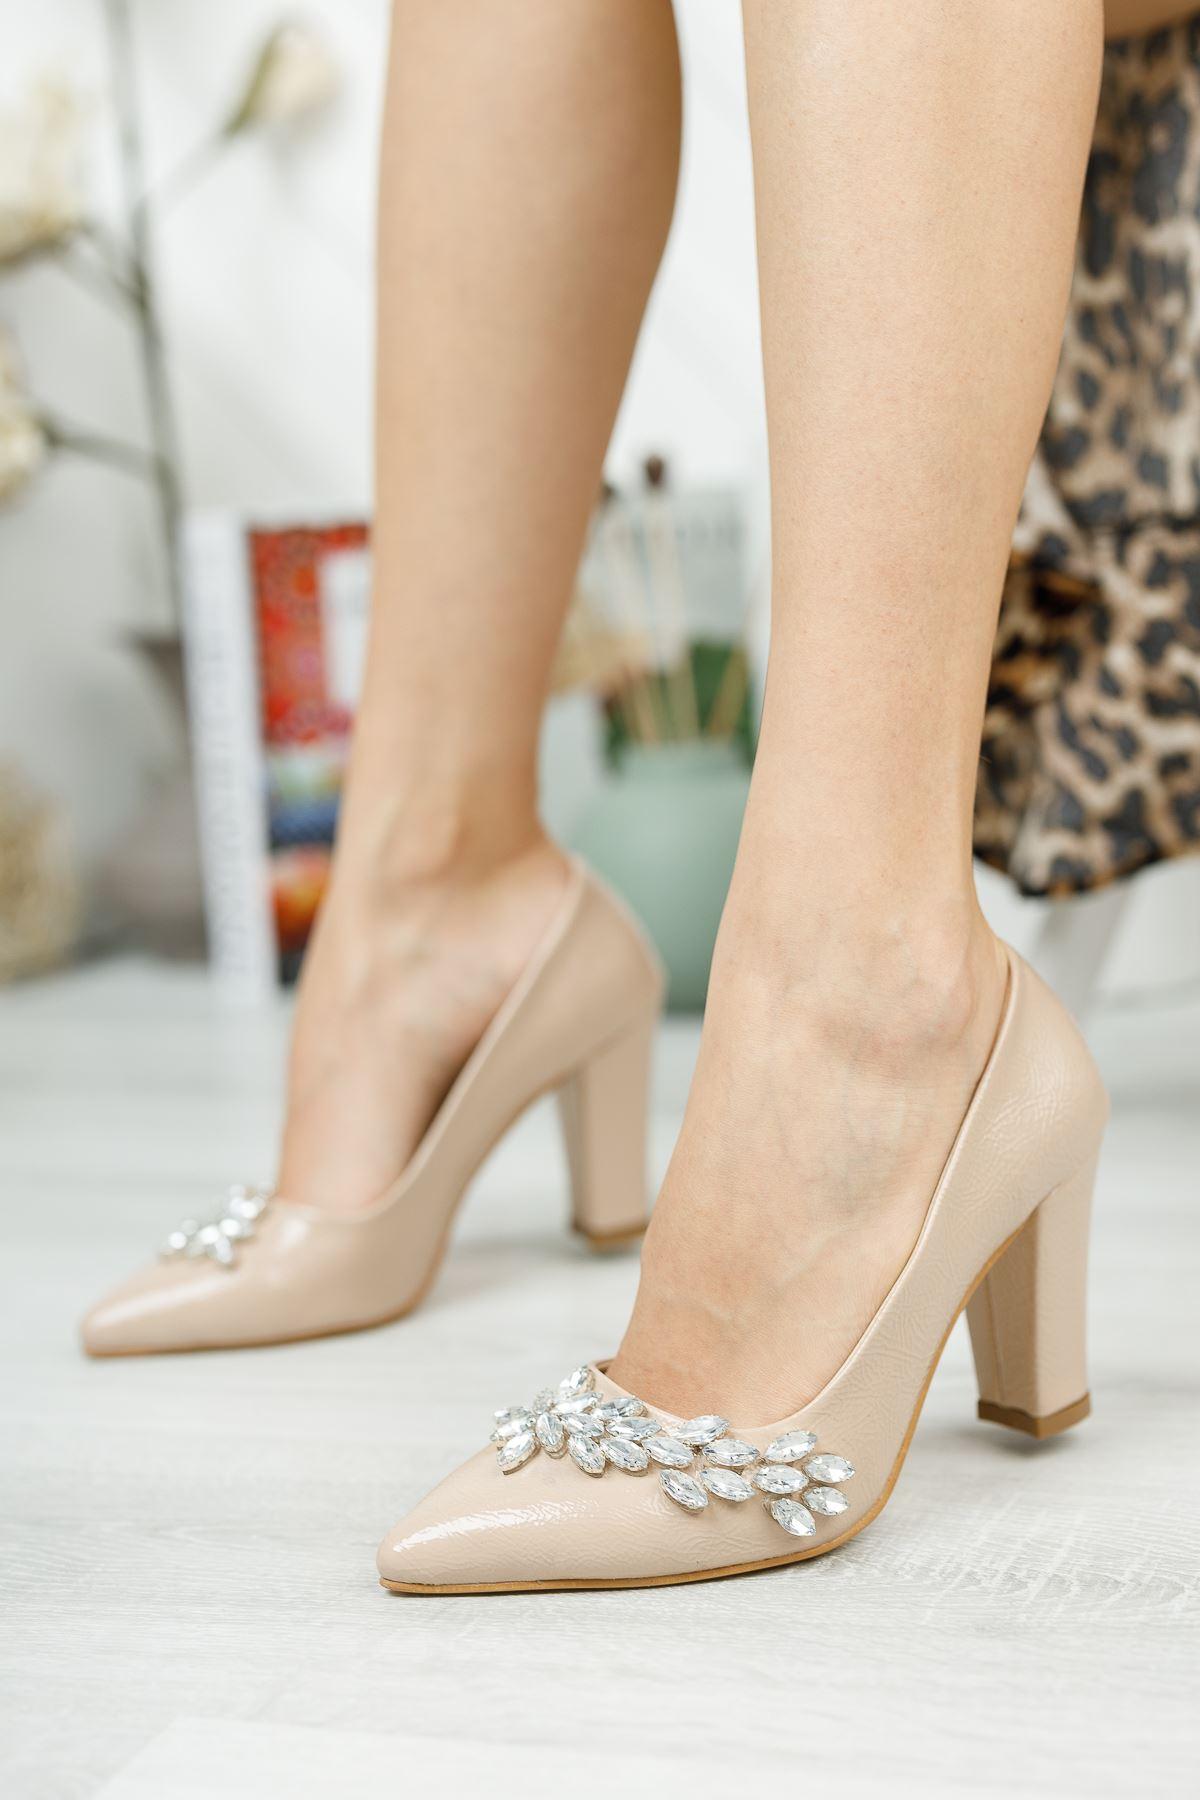 Bej Kırışık Rugan Taş Detaylı Topuklu Ayakkabı